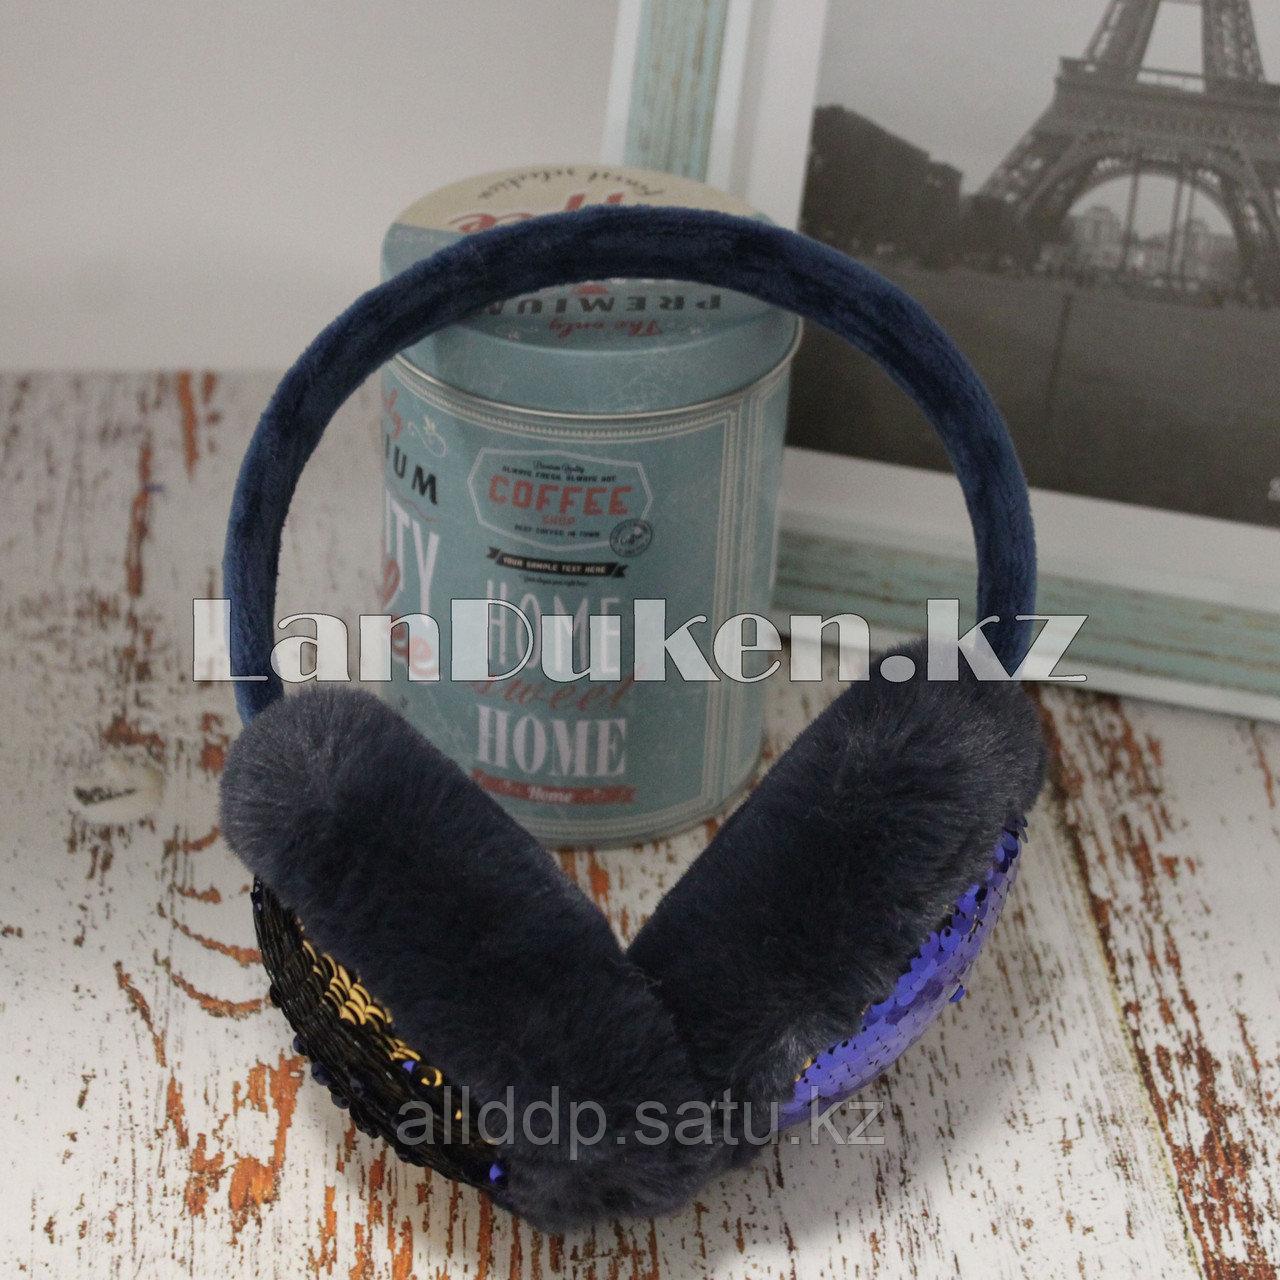 Меховые наушники с двухцветными пайетками 18815-6 синие